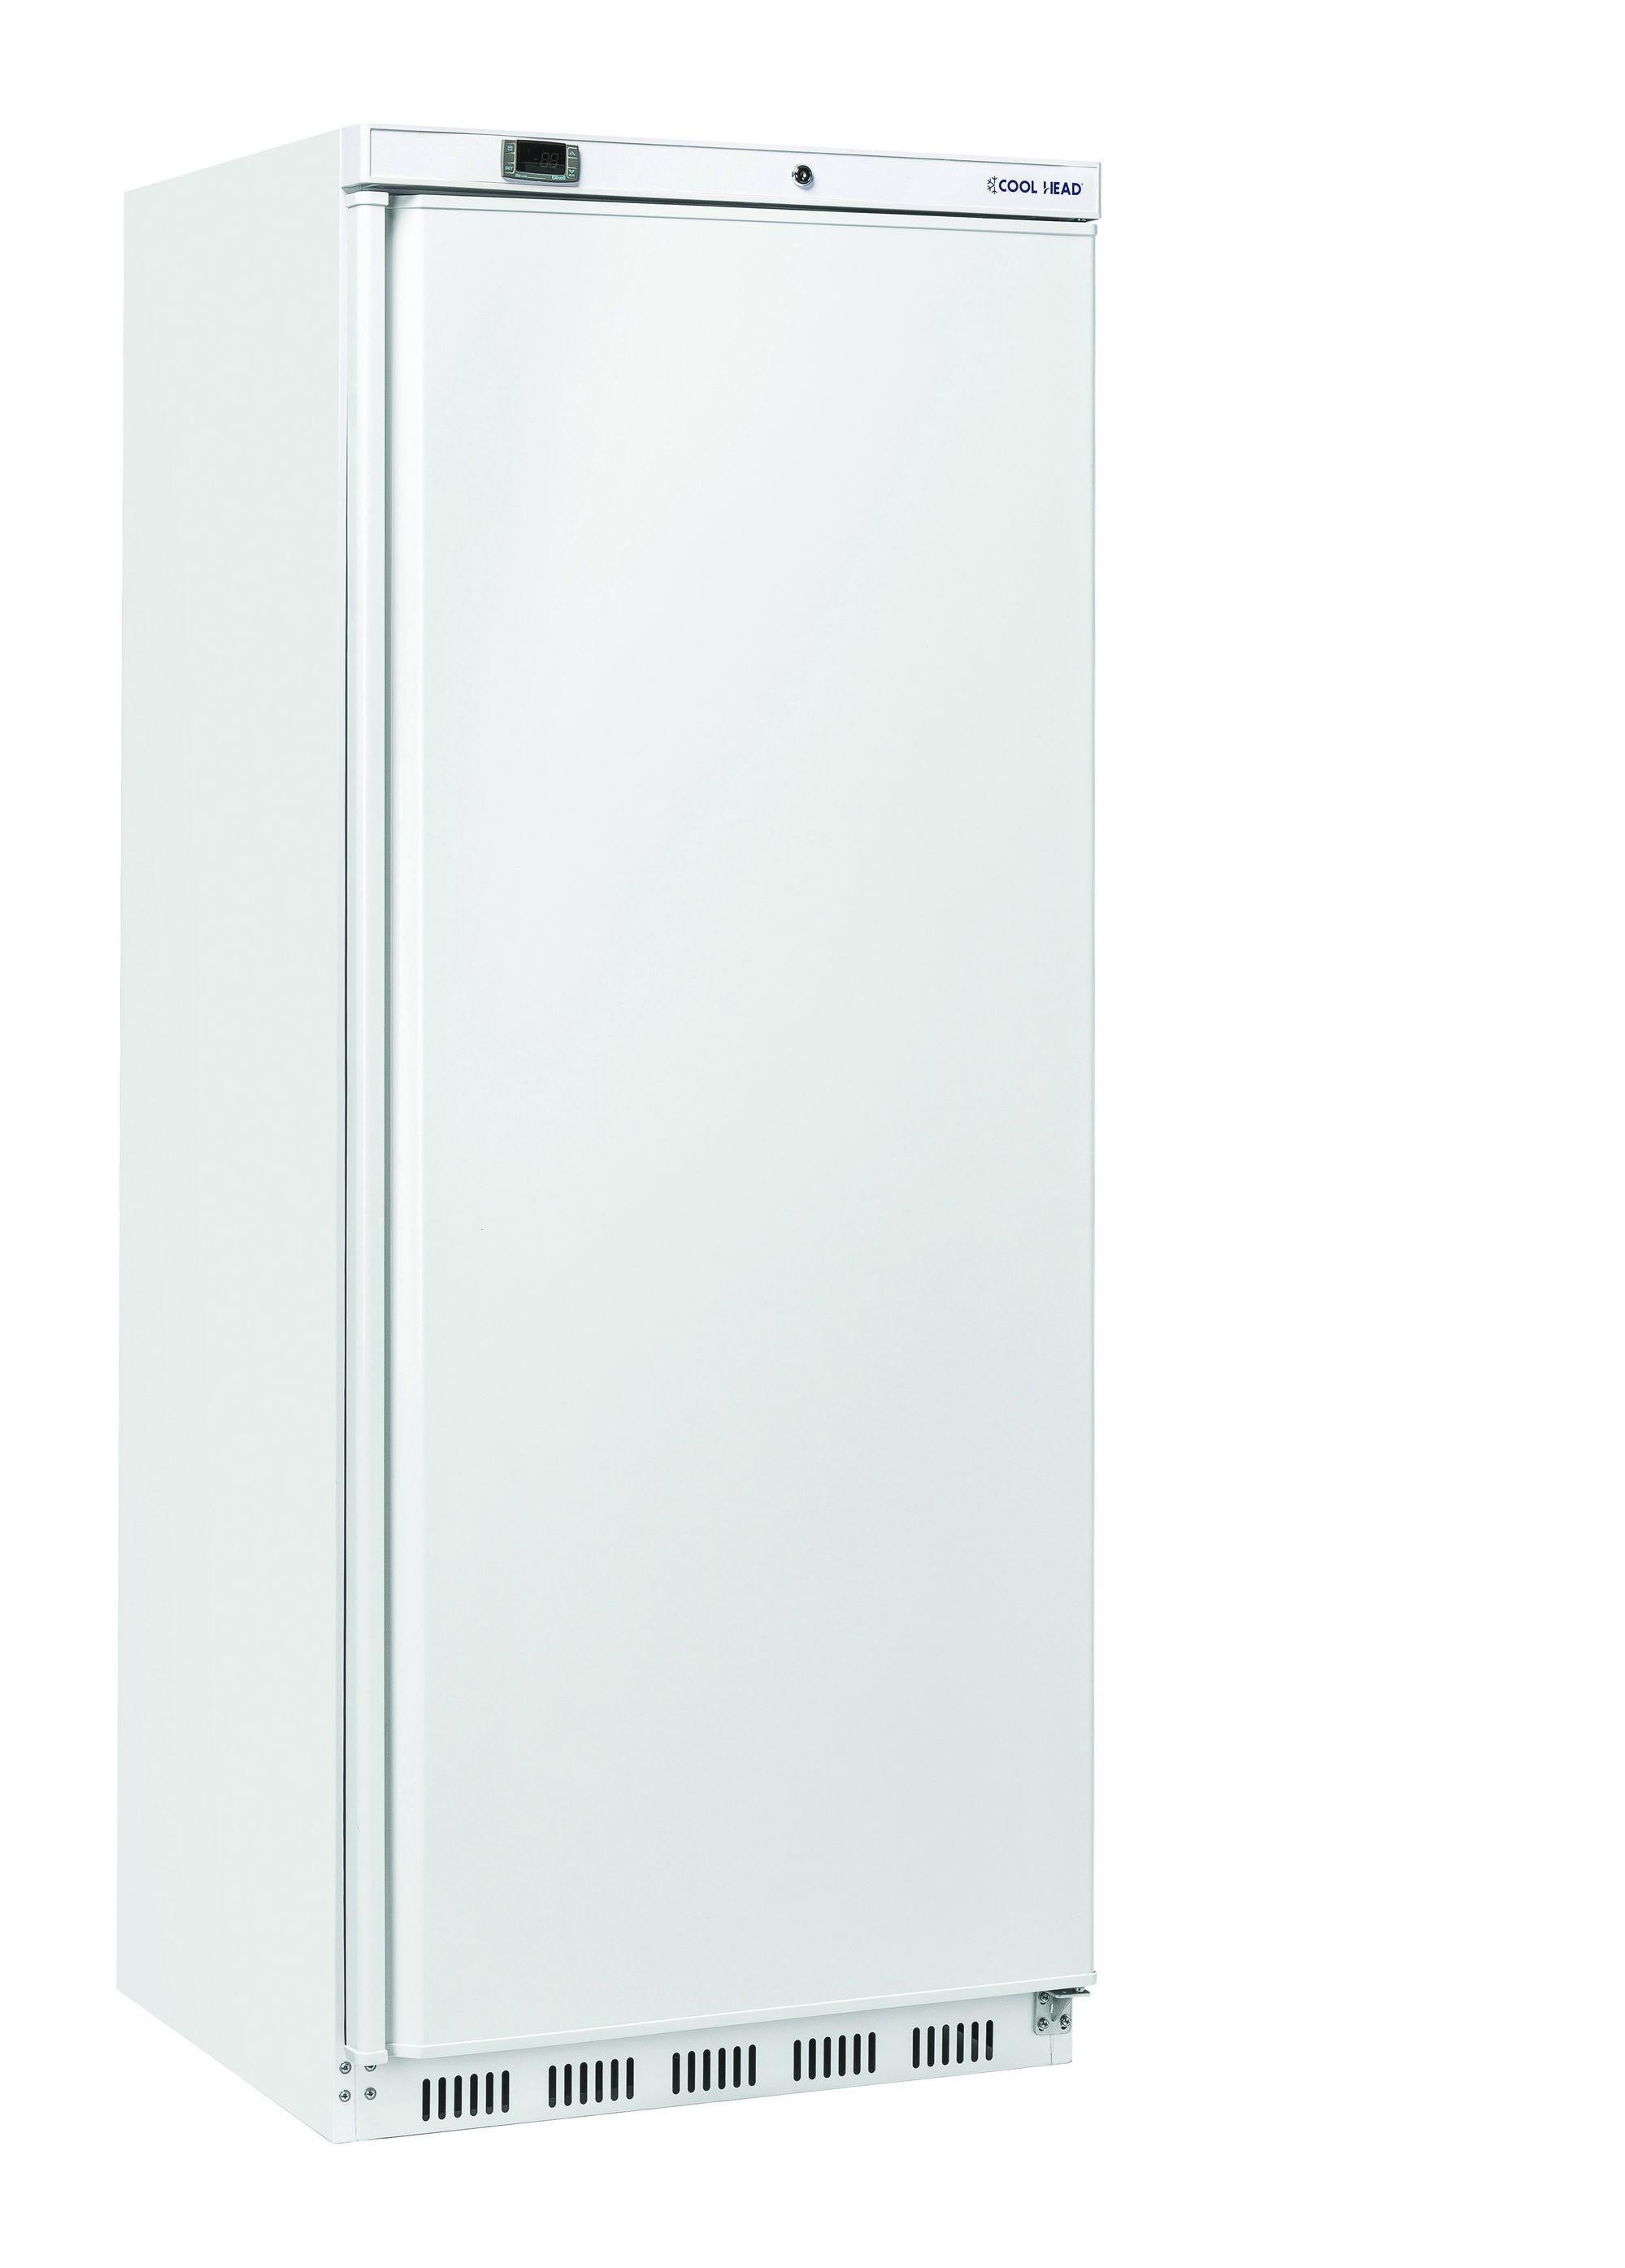 600 literes hűtő, ventilációs hűtéssel, teli ajtóval, fehér, +2/+10°C